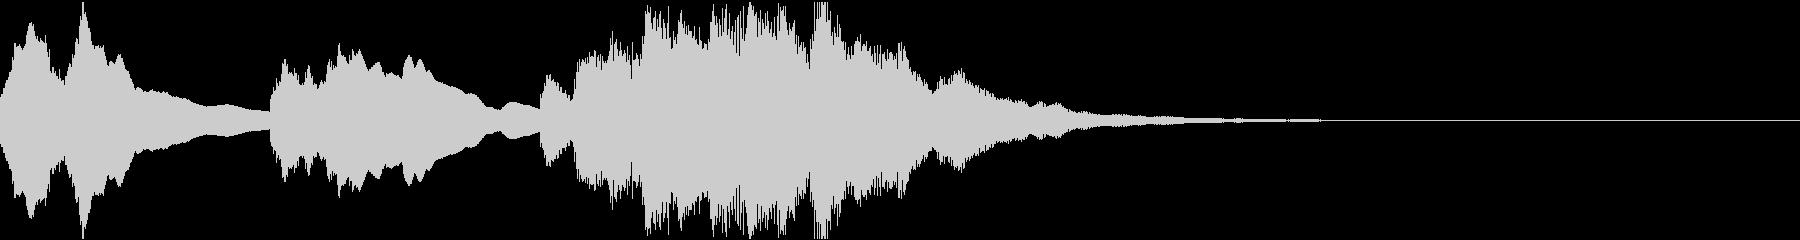 神秘的なクリスタル音03- ジングルCMの未再生の波形